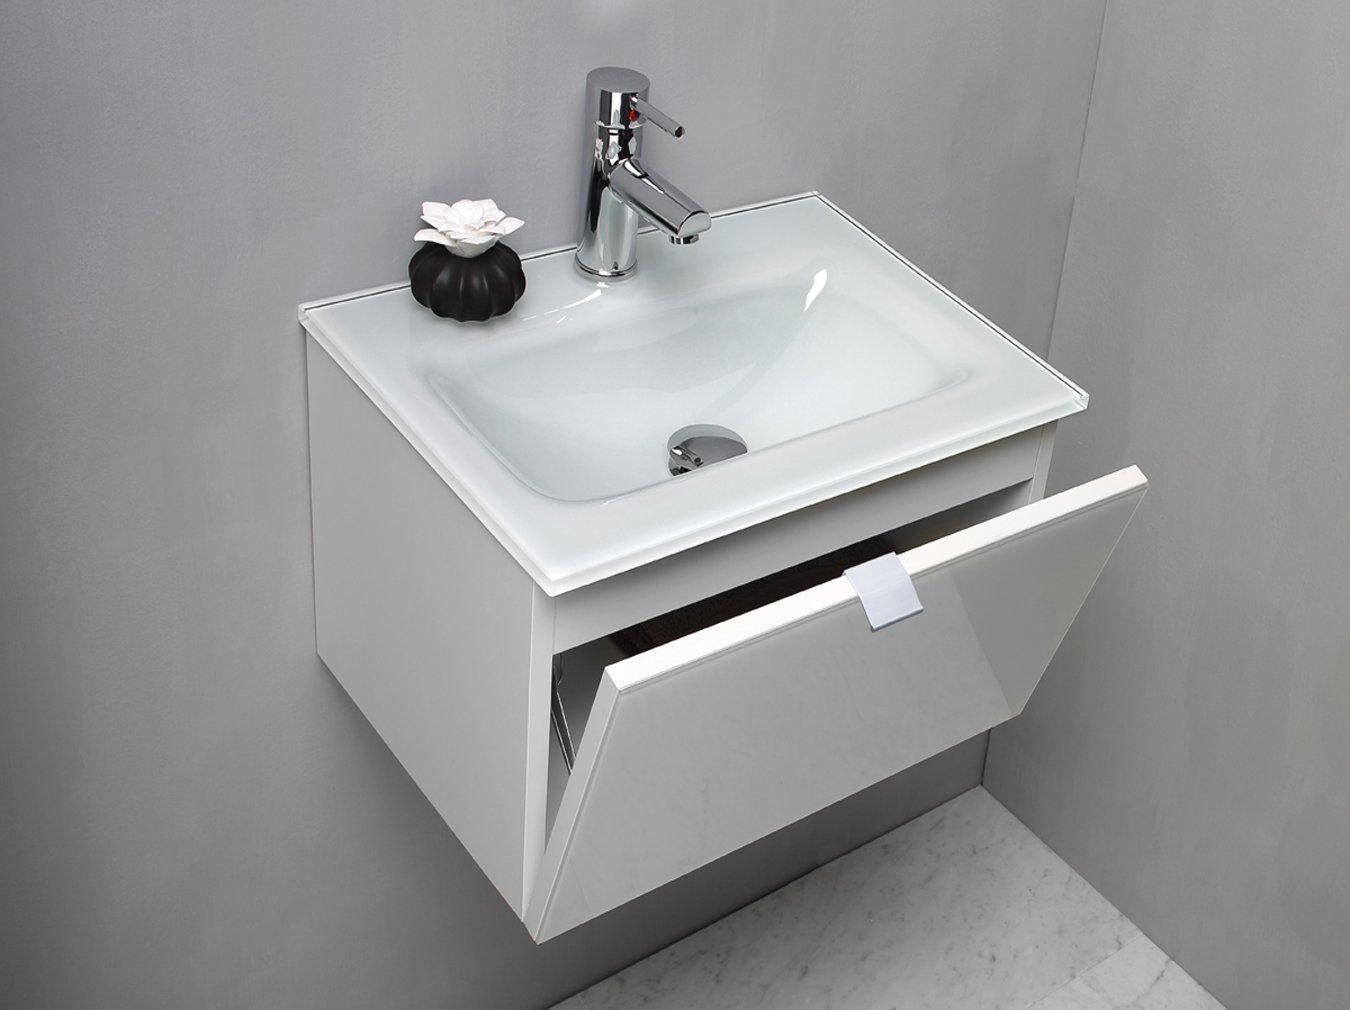 arredo bagno mobile bagno da cm 50 con lavabo/lavandino in vetro ... - Arredo Bagno Mobili Senza Lavabo